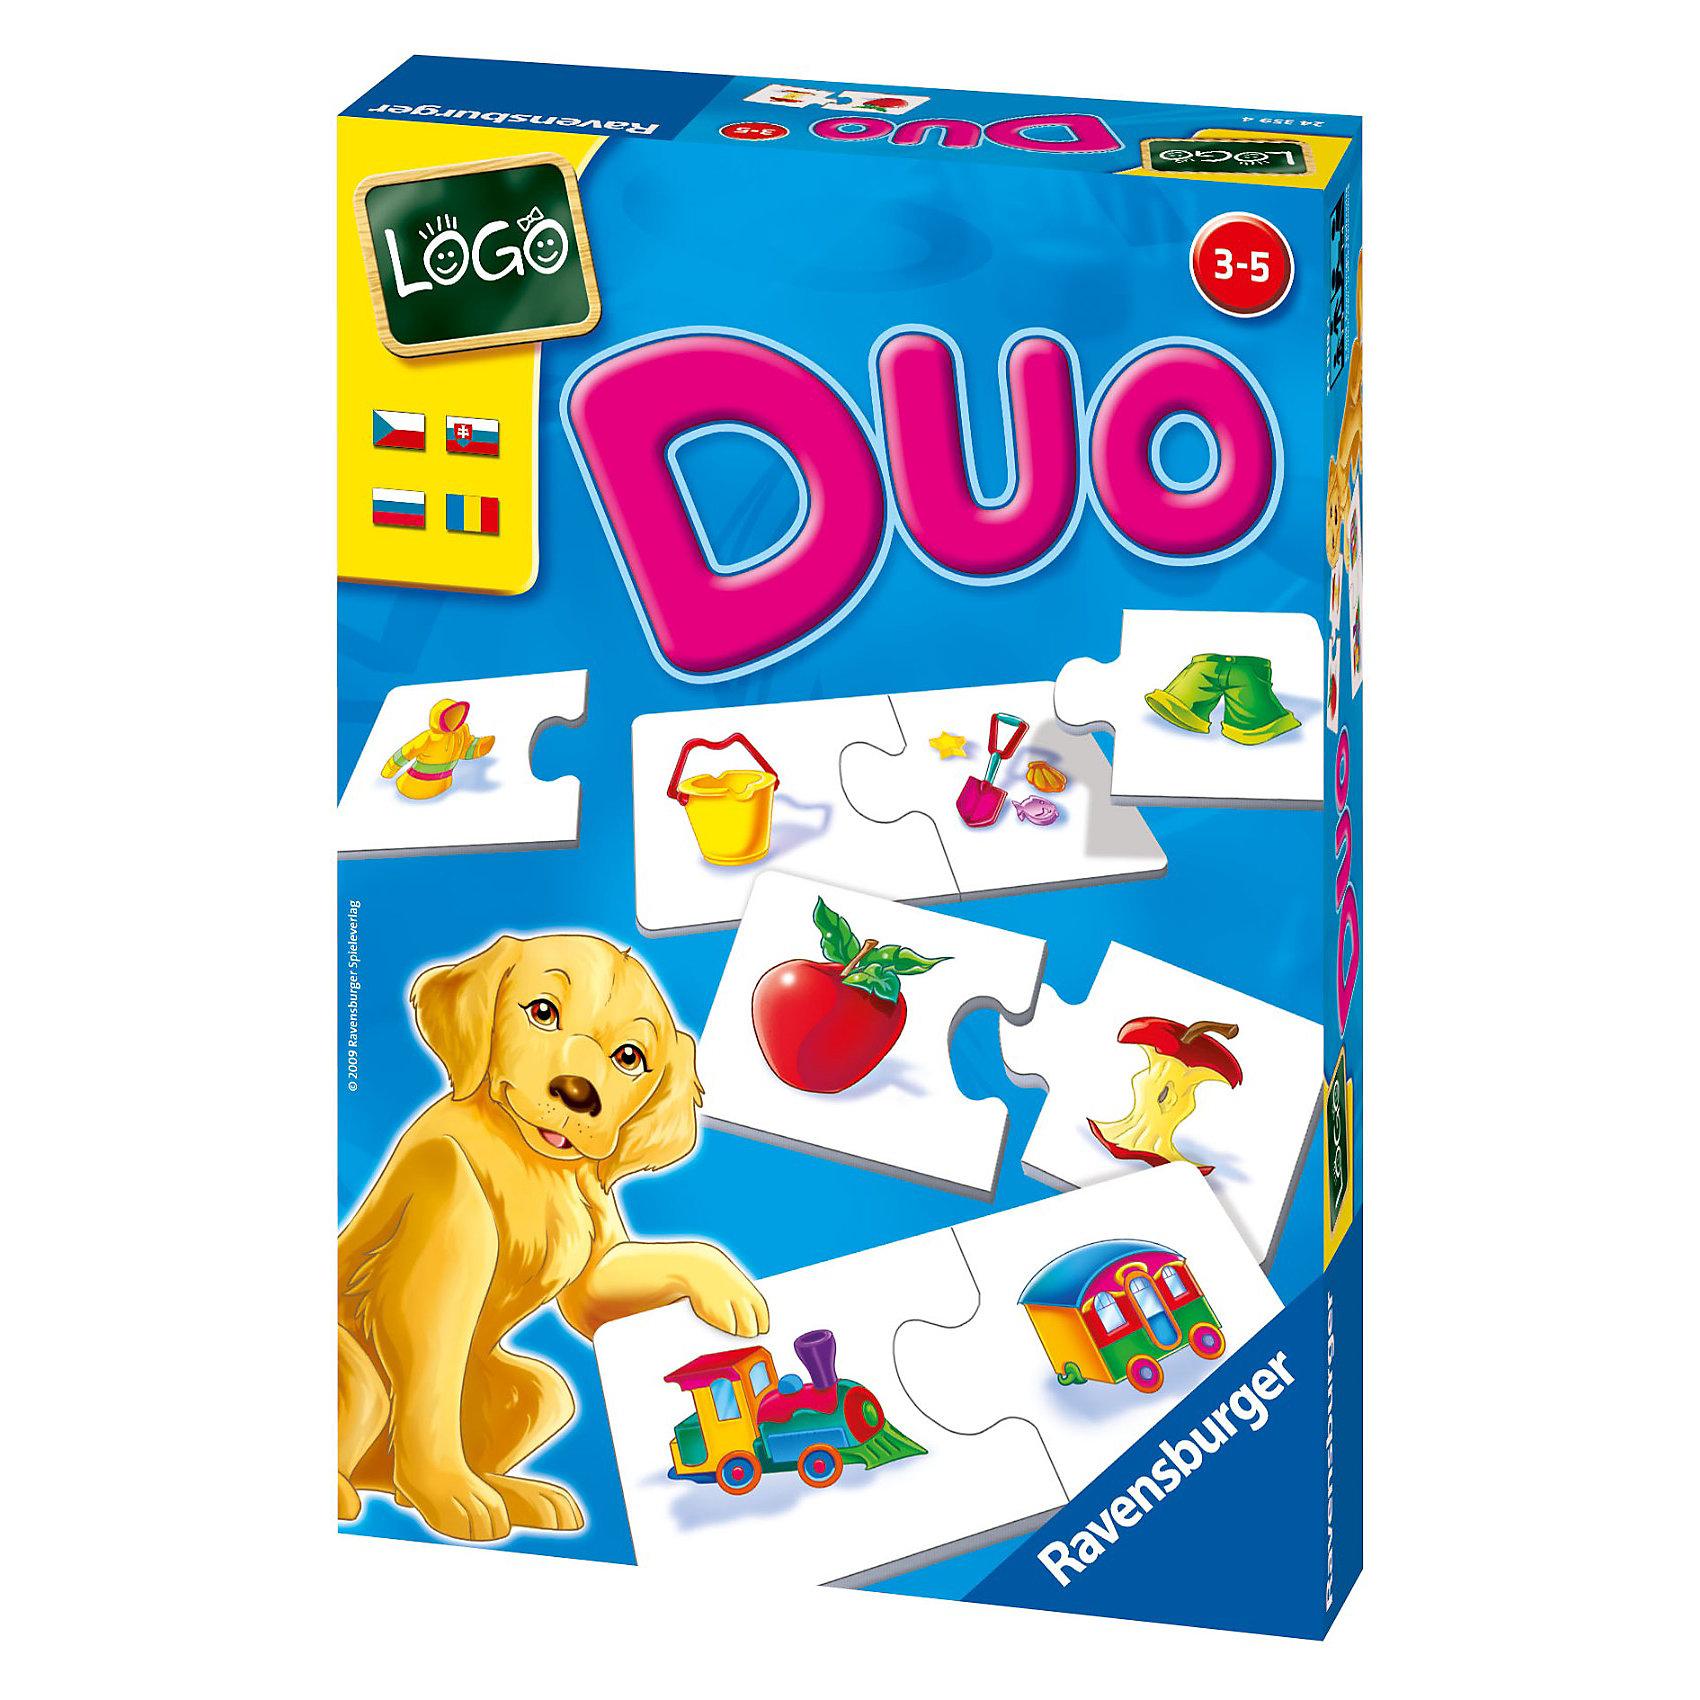 Обучающая игра Что к чему подходит? RavensburgerРазвивающие игры<br>Обучающая игра «Что к чему подходит?» - одна из лучших развивающих игрушек для малышей!<br><br>Цель игры - собрать пары с изображением логически связанных друг с другом предметов. Руководствуясь принципом ассоциации, необходимо соединить картинки, как в пазле. Разные по форме носики позволяют совместить только парные карточки.<br><br>Парные картинки:<br>•Яблоко — огрызок;<br>•Зубная щетка — тюбик с пастой;<br>•Свечки — торт;<br>•Кукла — коляска;<br>•Ведерко для песка — лопатка с формочками;<br>•Карандаши — рисунок;<br>•Тарелка — столовый прибор;<br>•Куртка — брюки;<br>•Паровоз — вагон;<br>•Стол — стул;<br>•Мороженое — вафельный стаканчик;<br>•Пульт управления — телевизор<br><br>Такая игра способствует развитию логического и ассоциативного мышления, внимательности, учит устанавливать причинно-следственные связи.<br><br>Карточки изготовлены из плотного картона, который не расслаивается и не деформируется при игре. Вас также порадует отличное качество полиграфии и яркость цветов.<br><br>Игра Что к чему подходит? от Ravensburger - веселое и увлекательное обучение для Вашего ребенка!<br><br><br>Дополнительная информация:<br><br>- в комплекте: 12 пар карточек и правила на русском языке<br>- количество игрков: 1-4 человека<br>- материал: плотный картон<br><br>Ширина мм: 170<br>Глубина мм: 60<br>Высота мм: 230<br>Вес г: 213<br>Возраст от месяцев: 36<br>Возраст до месяцев: 60<br>Пол: Унисекс<br>Возраст: Детский<br>SKU: 2148763